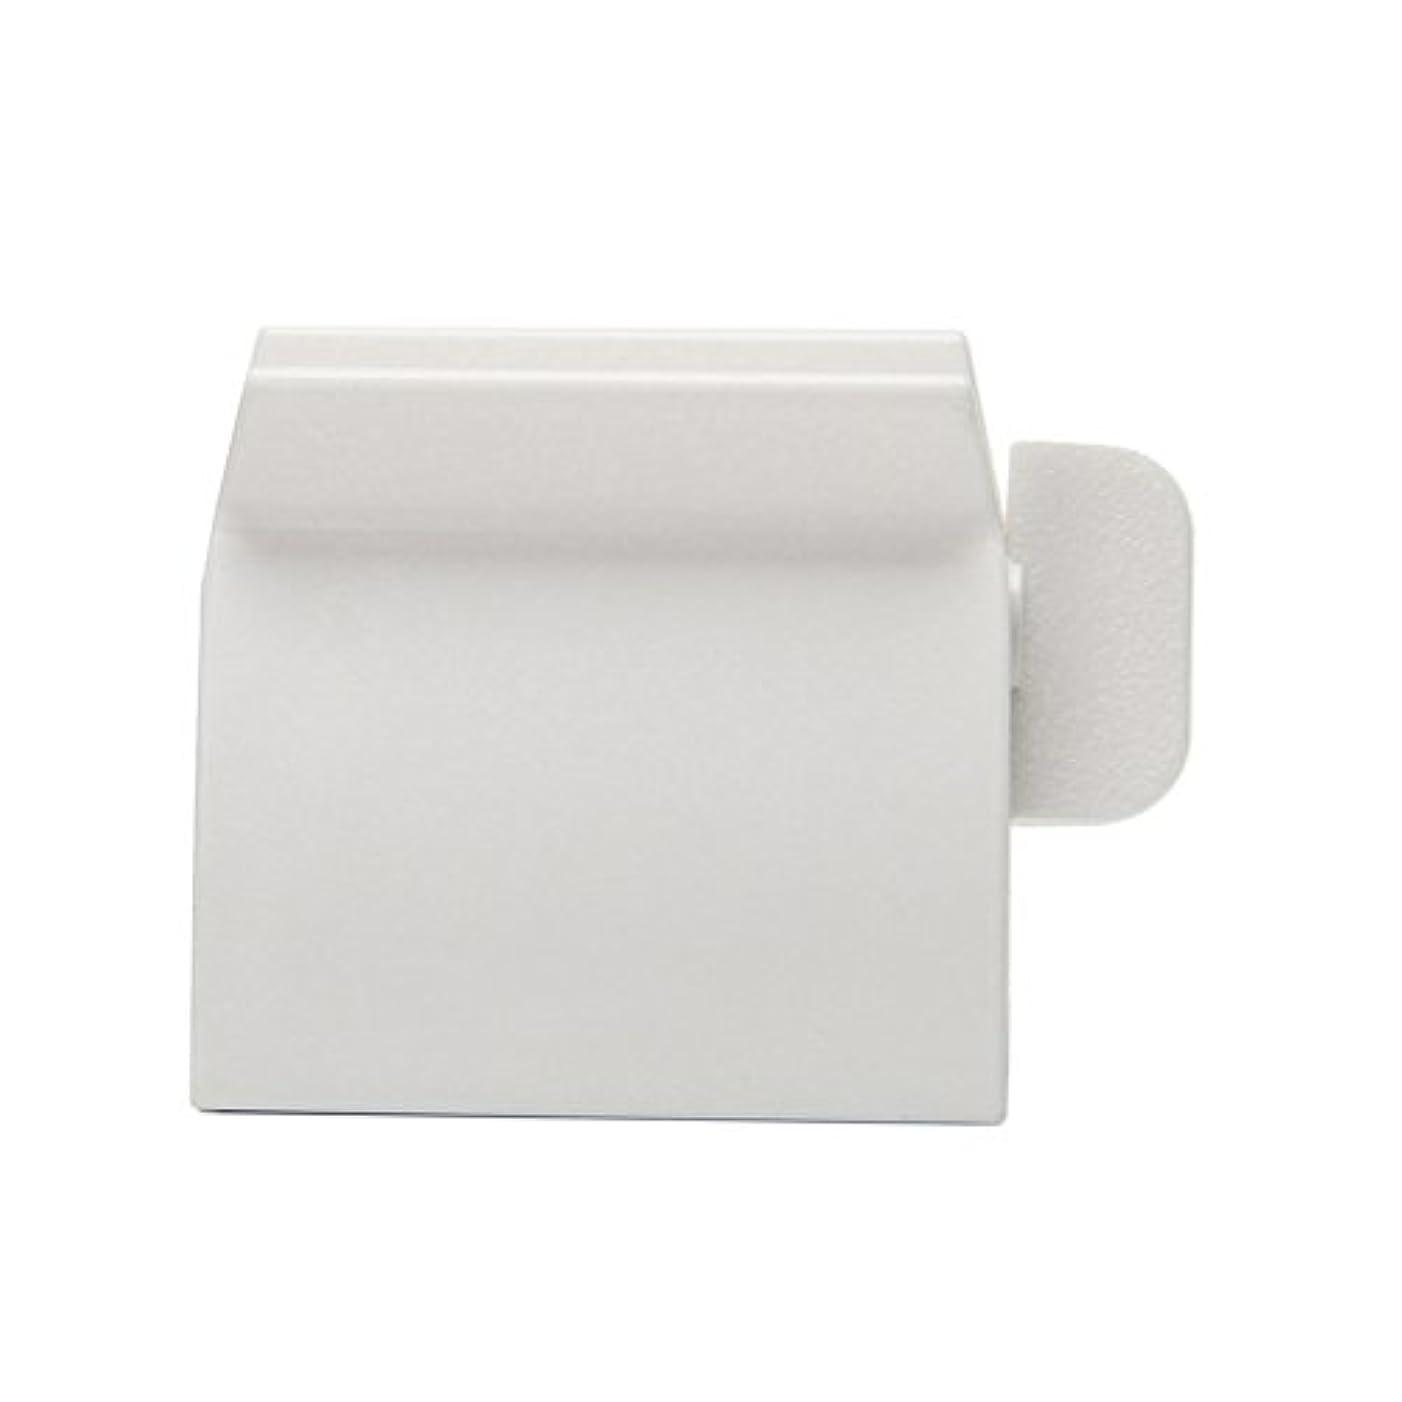 ネクタイリボン巡礼者Lamdoo浴室ホームチューブローリングホルダースクイーザ簡単歯磨き粉ディスペンサー